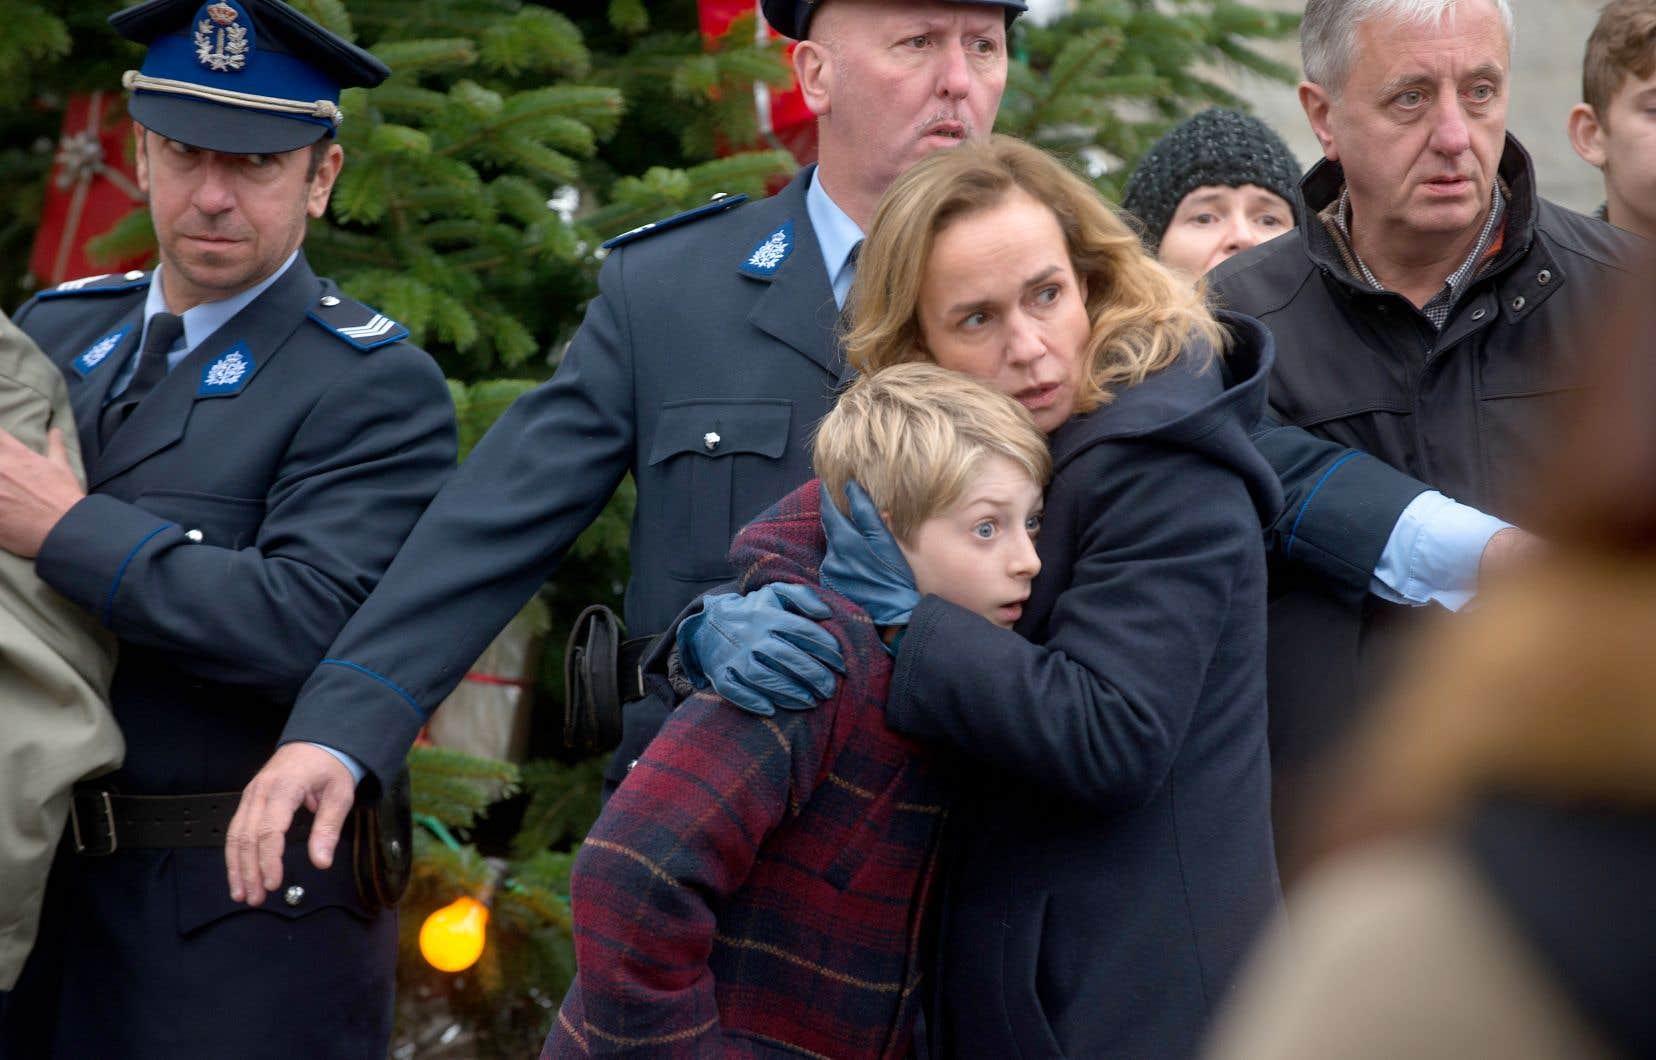 «Trois jours et une vie» capture les prémices et les suites d'un drame. En décembre 1999, alors qu'un enfant de cinq ans disparaît, chacun regarde son voisin de travers. Qui sait quoi?